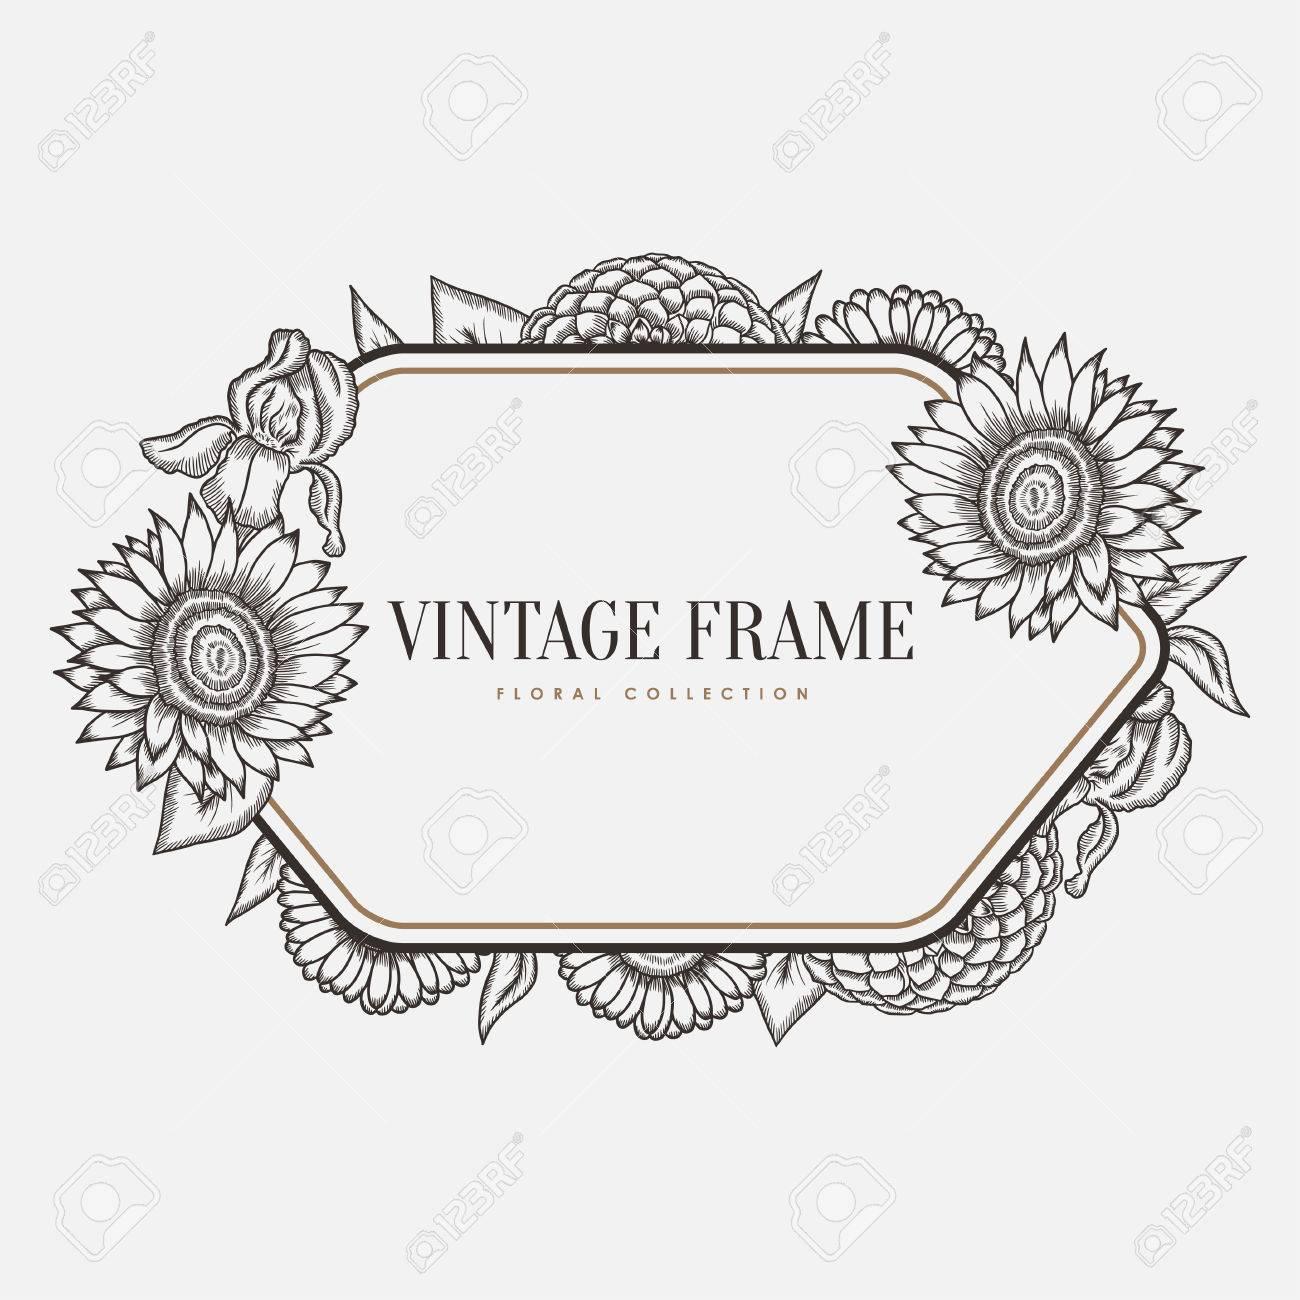 4b74f9f5acf24 Foto de archivo - Marco floral del vector de la vendimia. Retro estilo de  ilustración gráfica. Elemento de diseño para tarjetas de felicitación